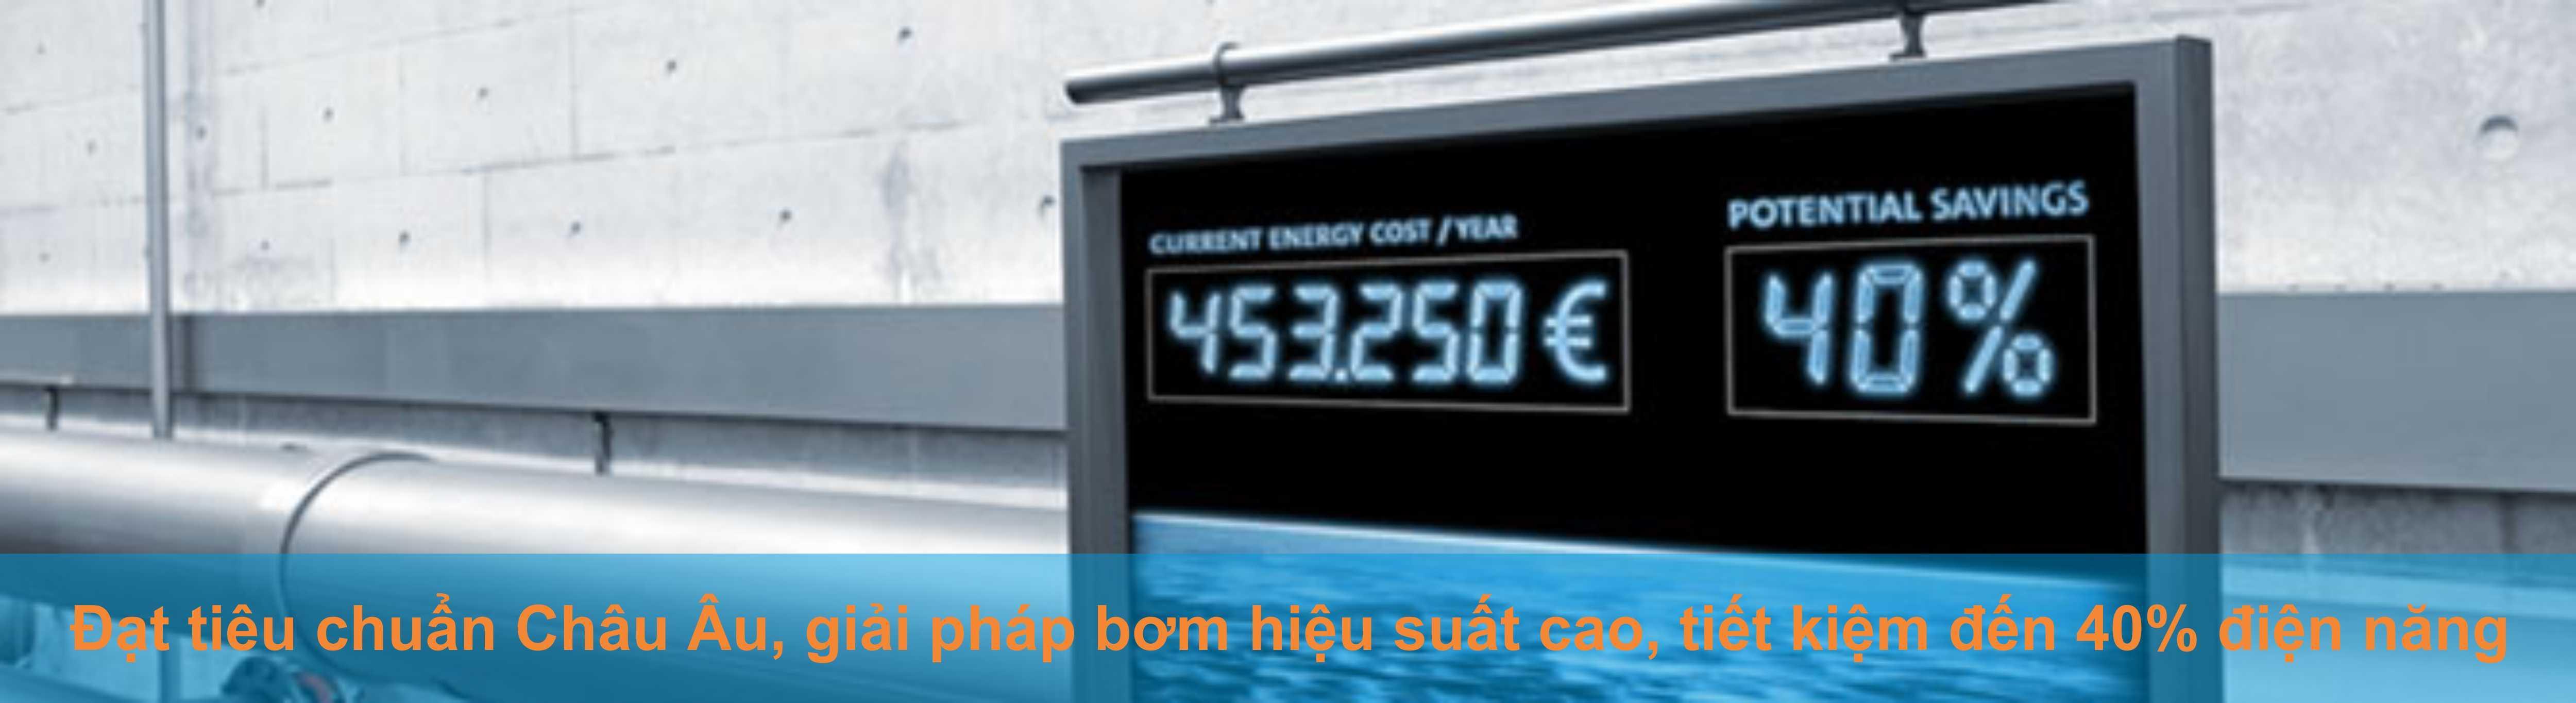 Máy bơm DAB tiết kiệm điện năng